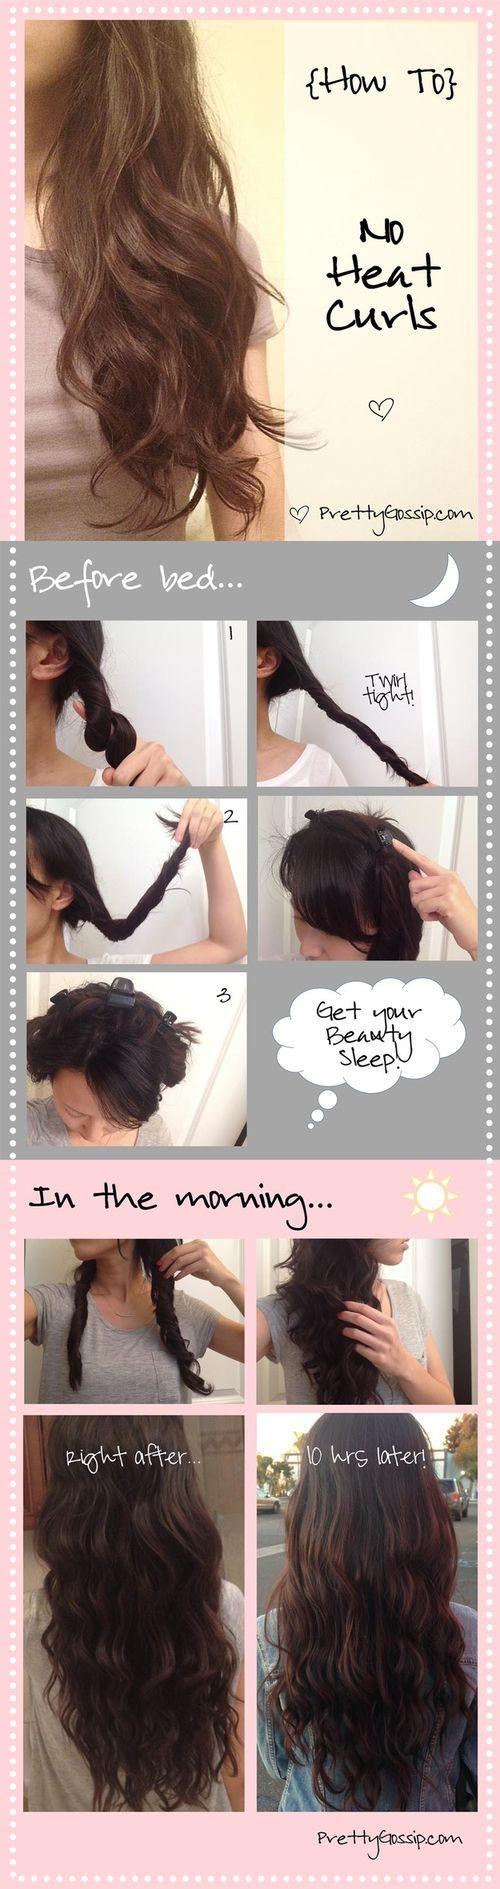 fashion, diy fashion projects, diy fashion ideas, diy fashion tips,  diy no heat curls hairstyle